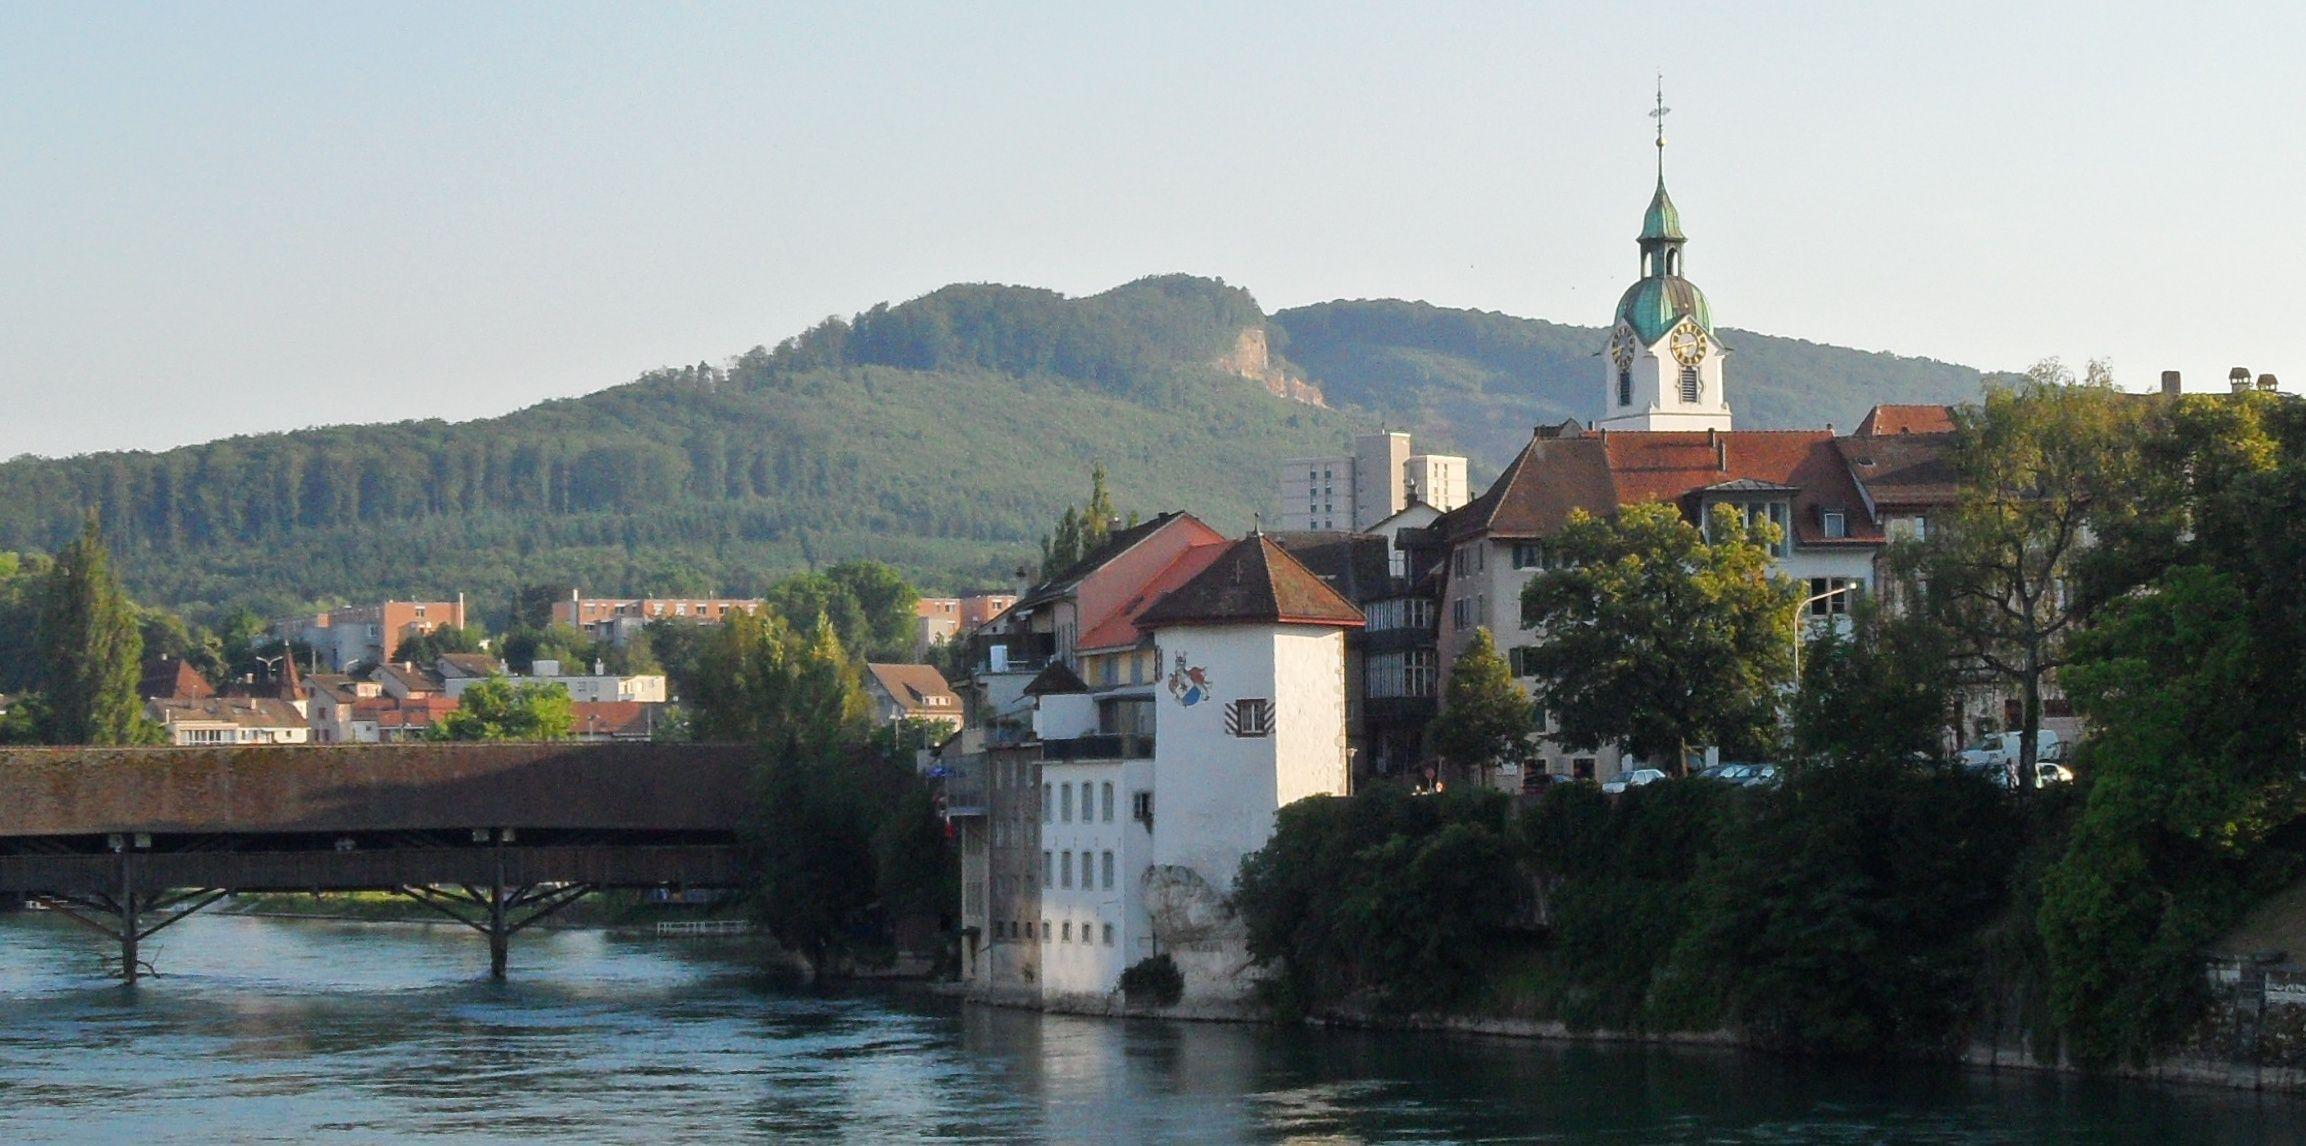 Görülmeye değer Kanton Solothurn